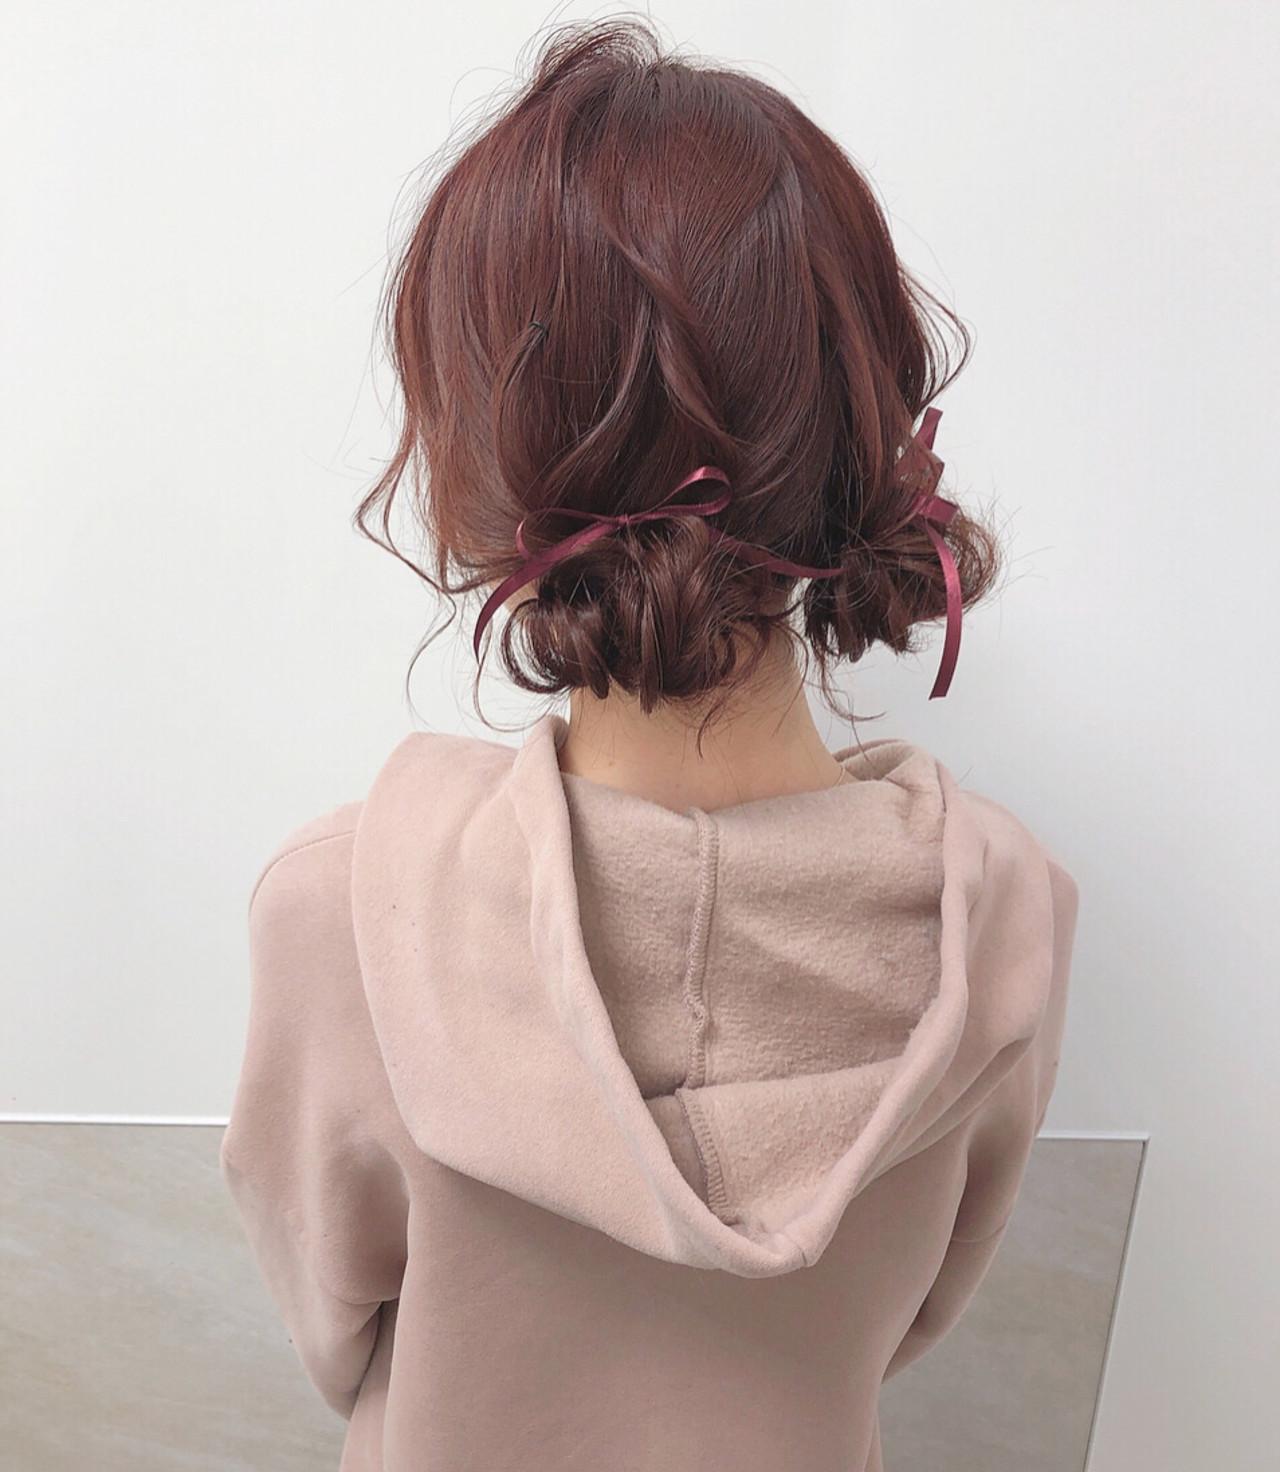 ツインお団子 ピンクブラウン ガーリー ヘアアレンジ ヘアスタイルや髪型の写真・画像